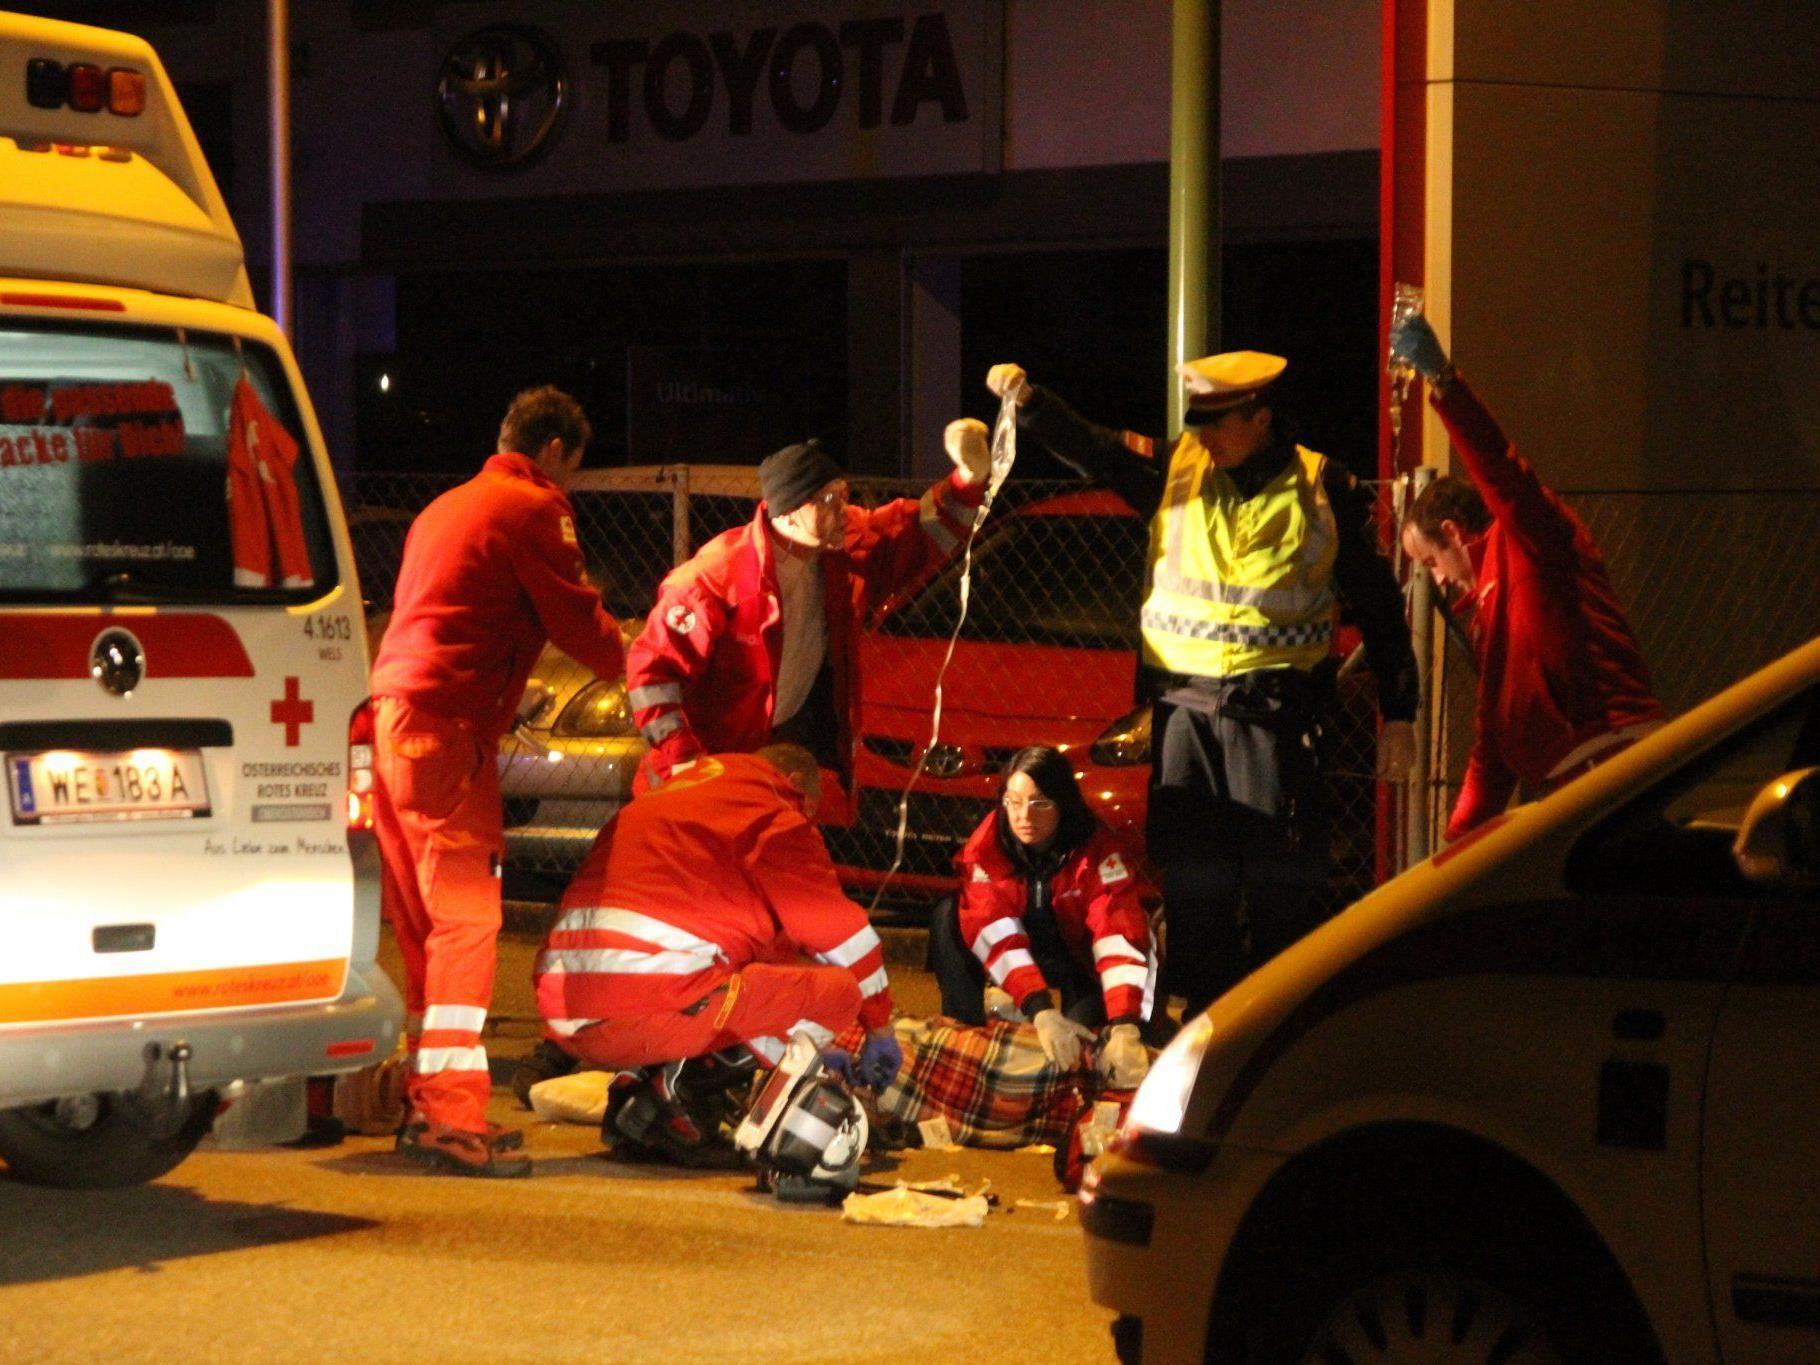 Der Verunfallte musste von Rettungssanitätern versorgt werden.